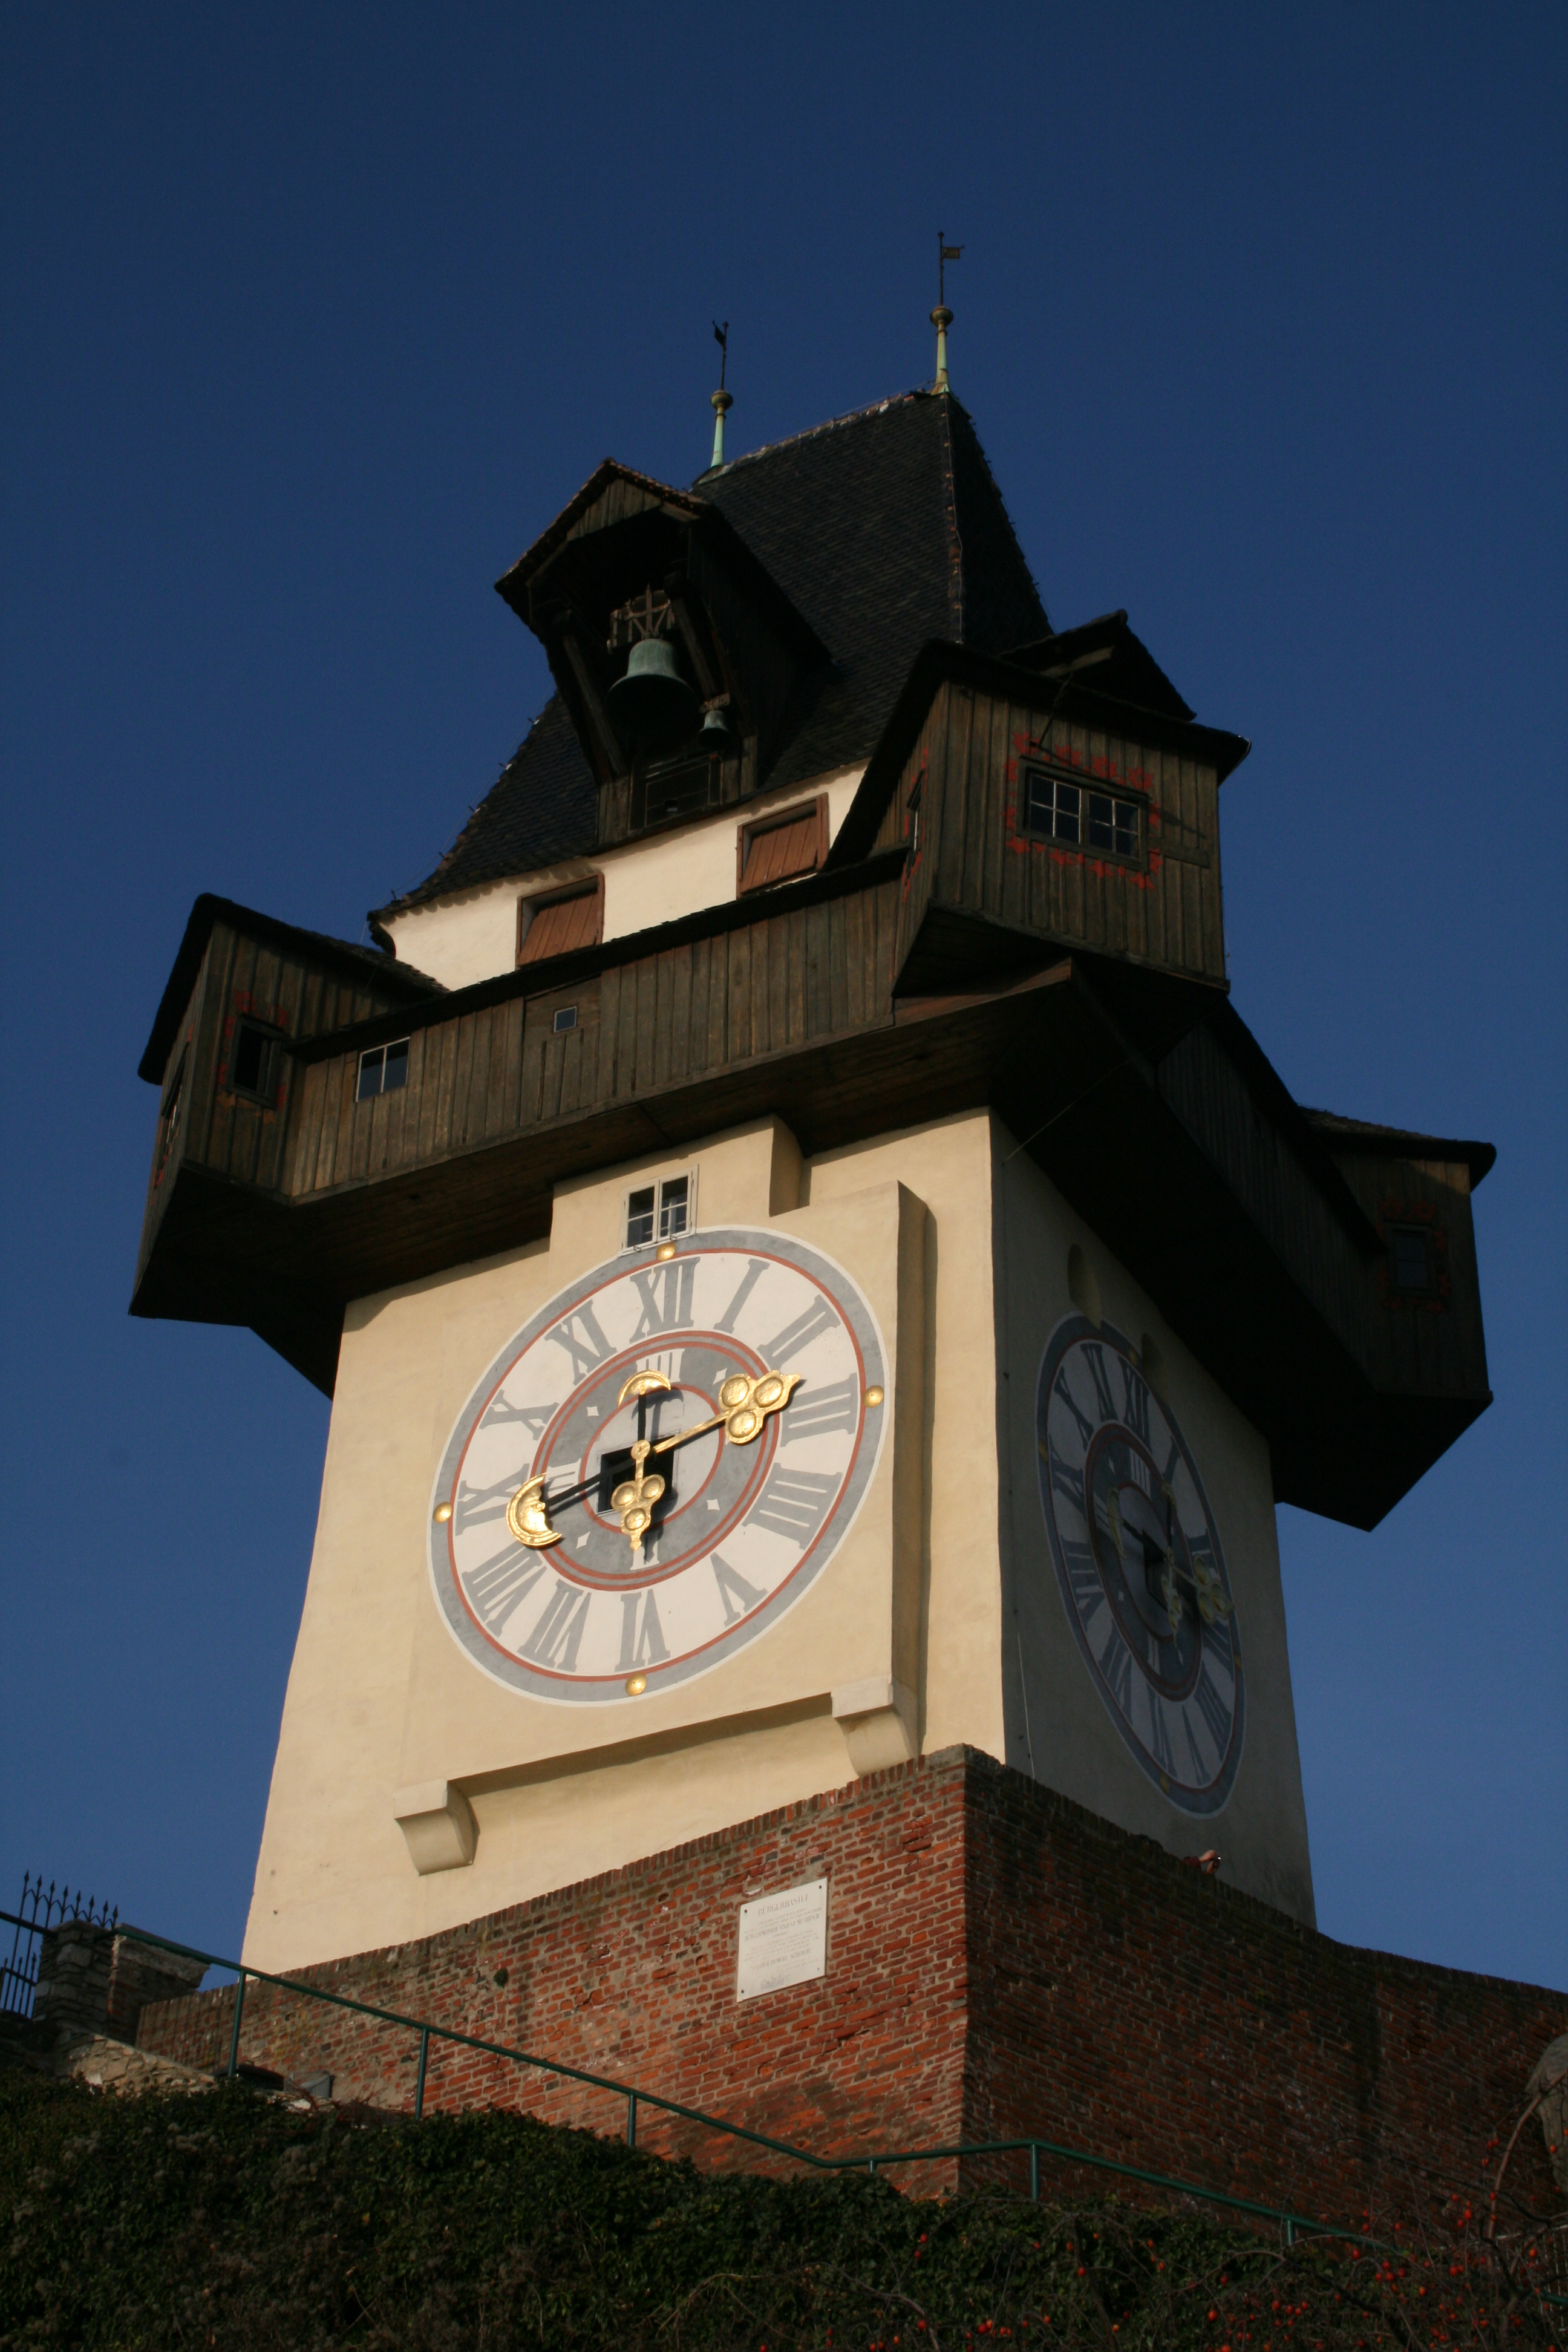 Wahrzeichen der Stadt: Der Grazer Uhrturm